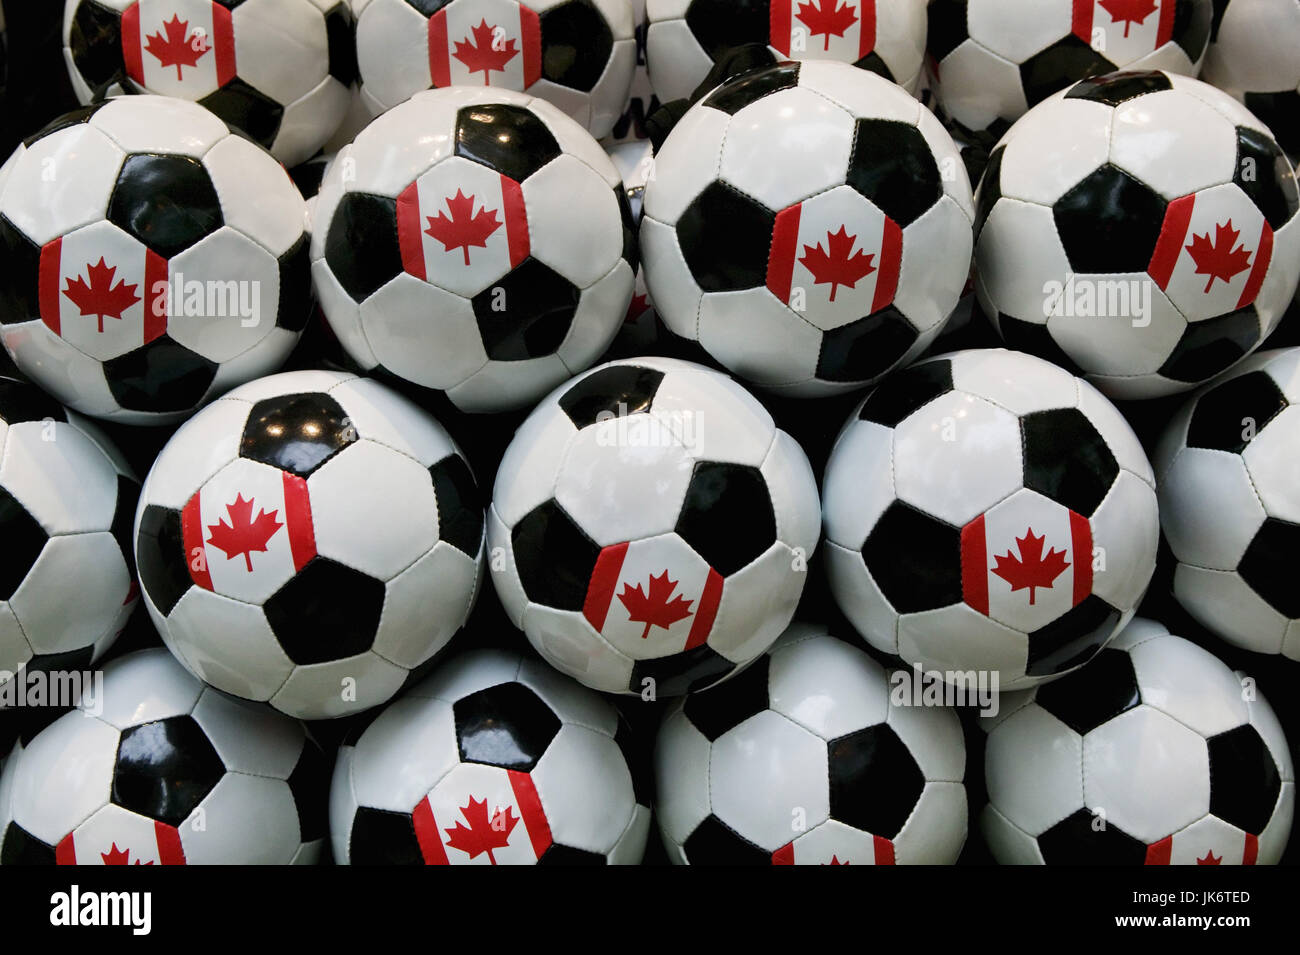 Kanada, Alberta, Edmonton, West  Edmonton Mall, Fußbälle, kanadische  Nationalwappen, Detail Nordamerika, - Stock Image